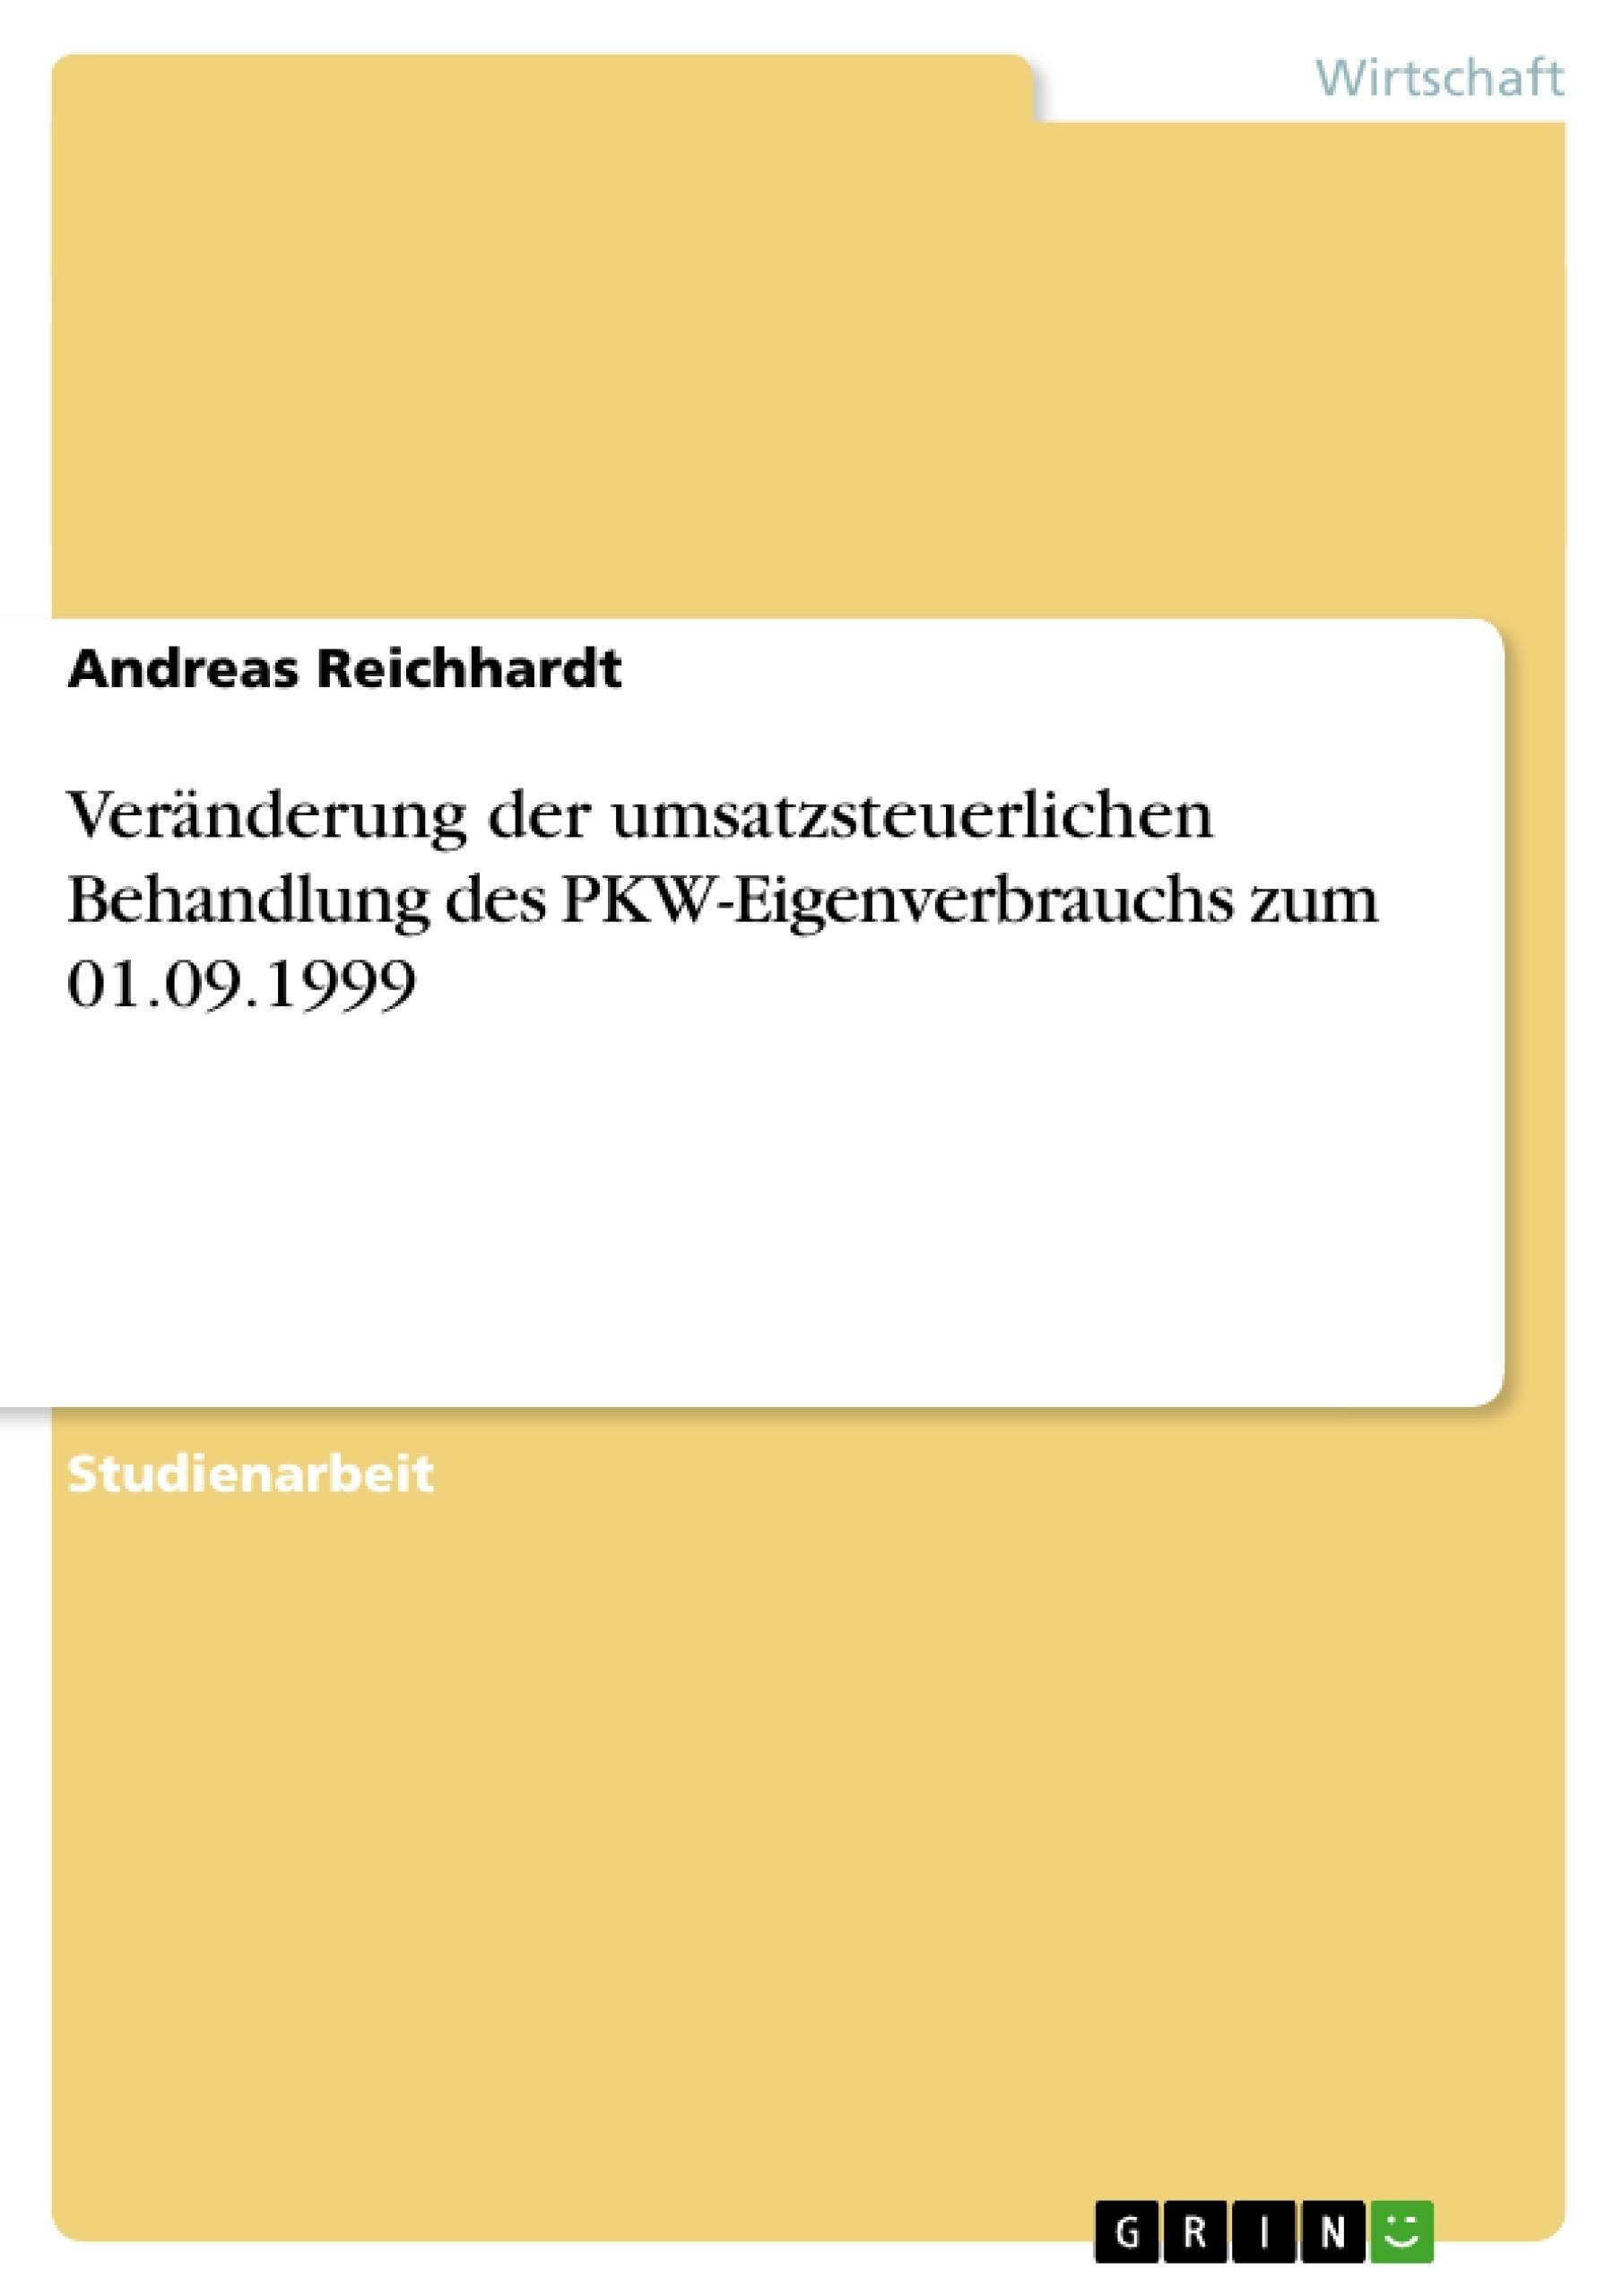 Titel: Veränderung der umsatzsteuerlichen Behandlung des PKW-Eigenverbrauchs zum 01.09.1999